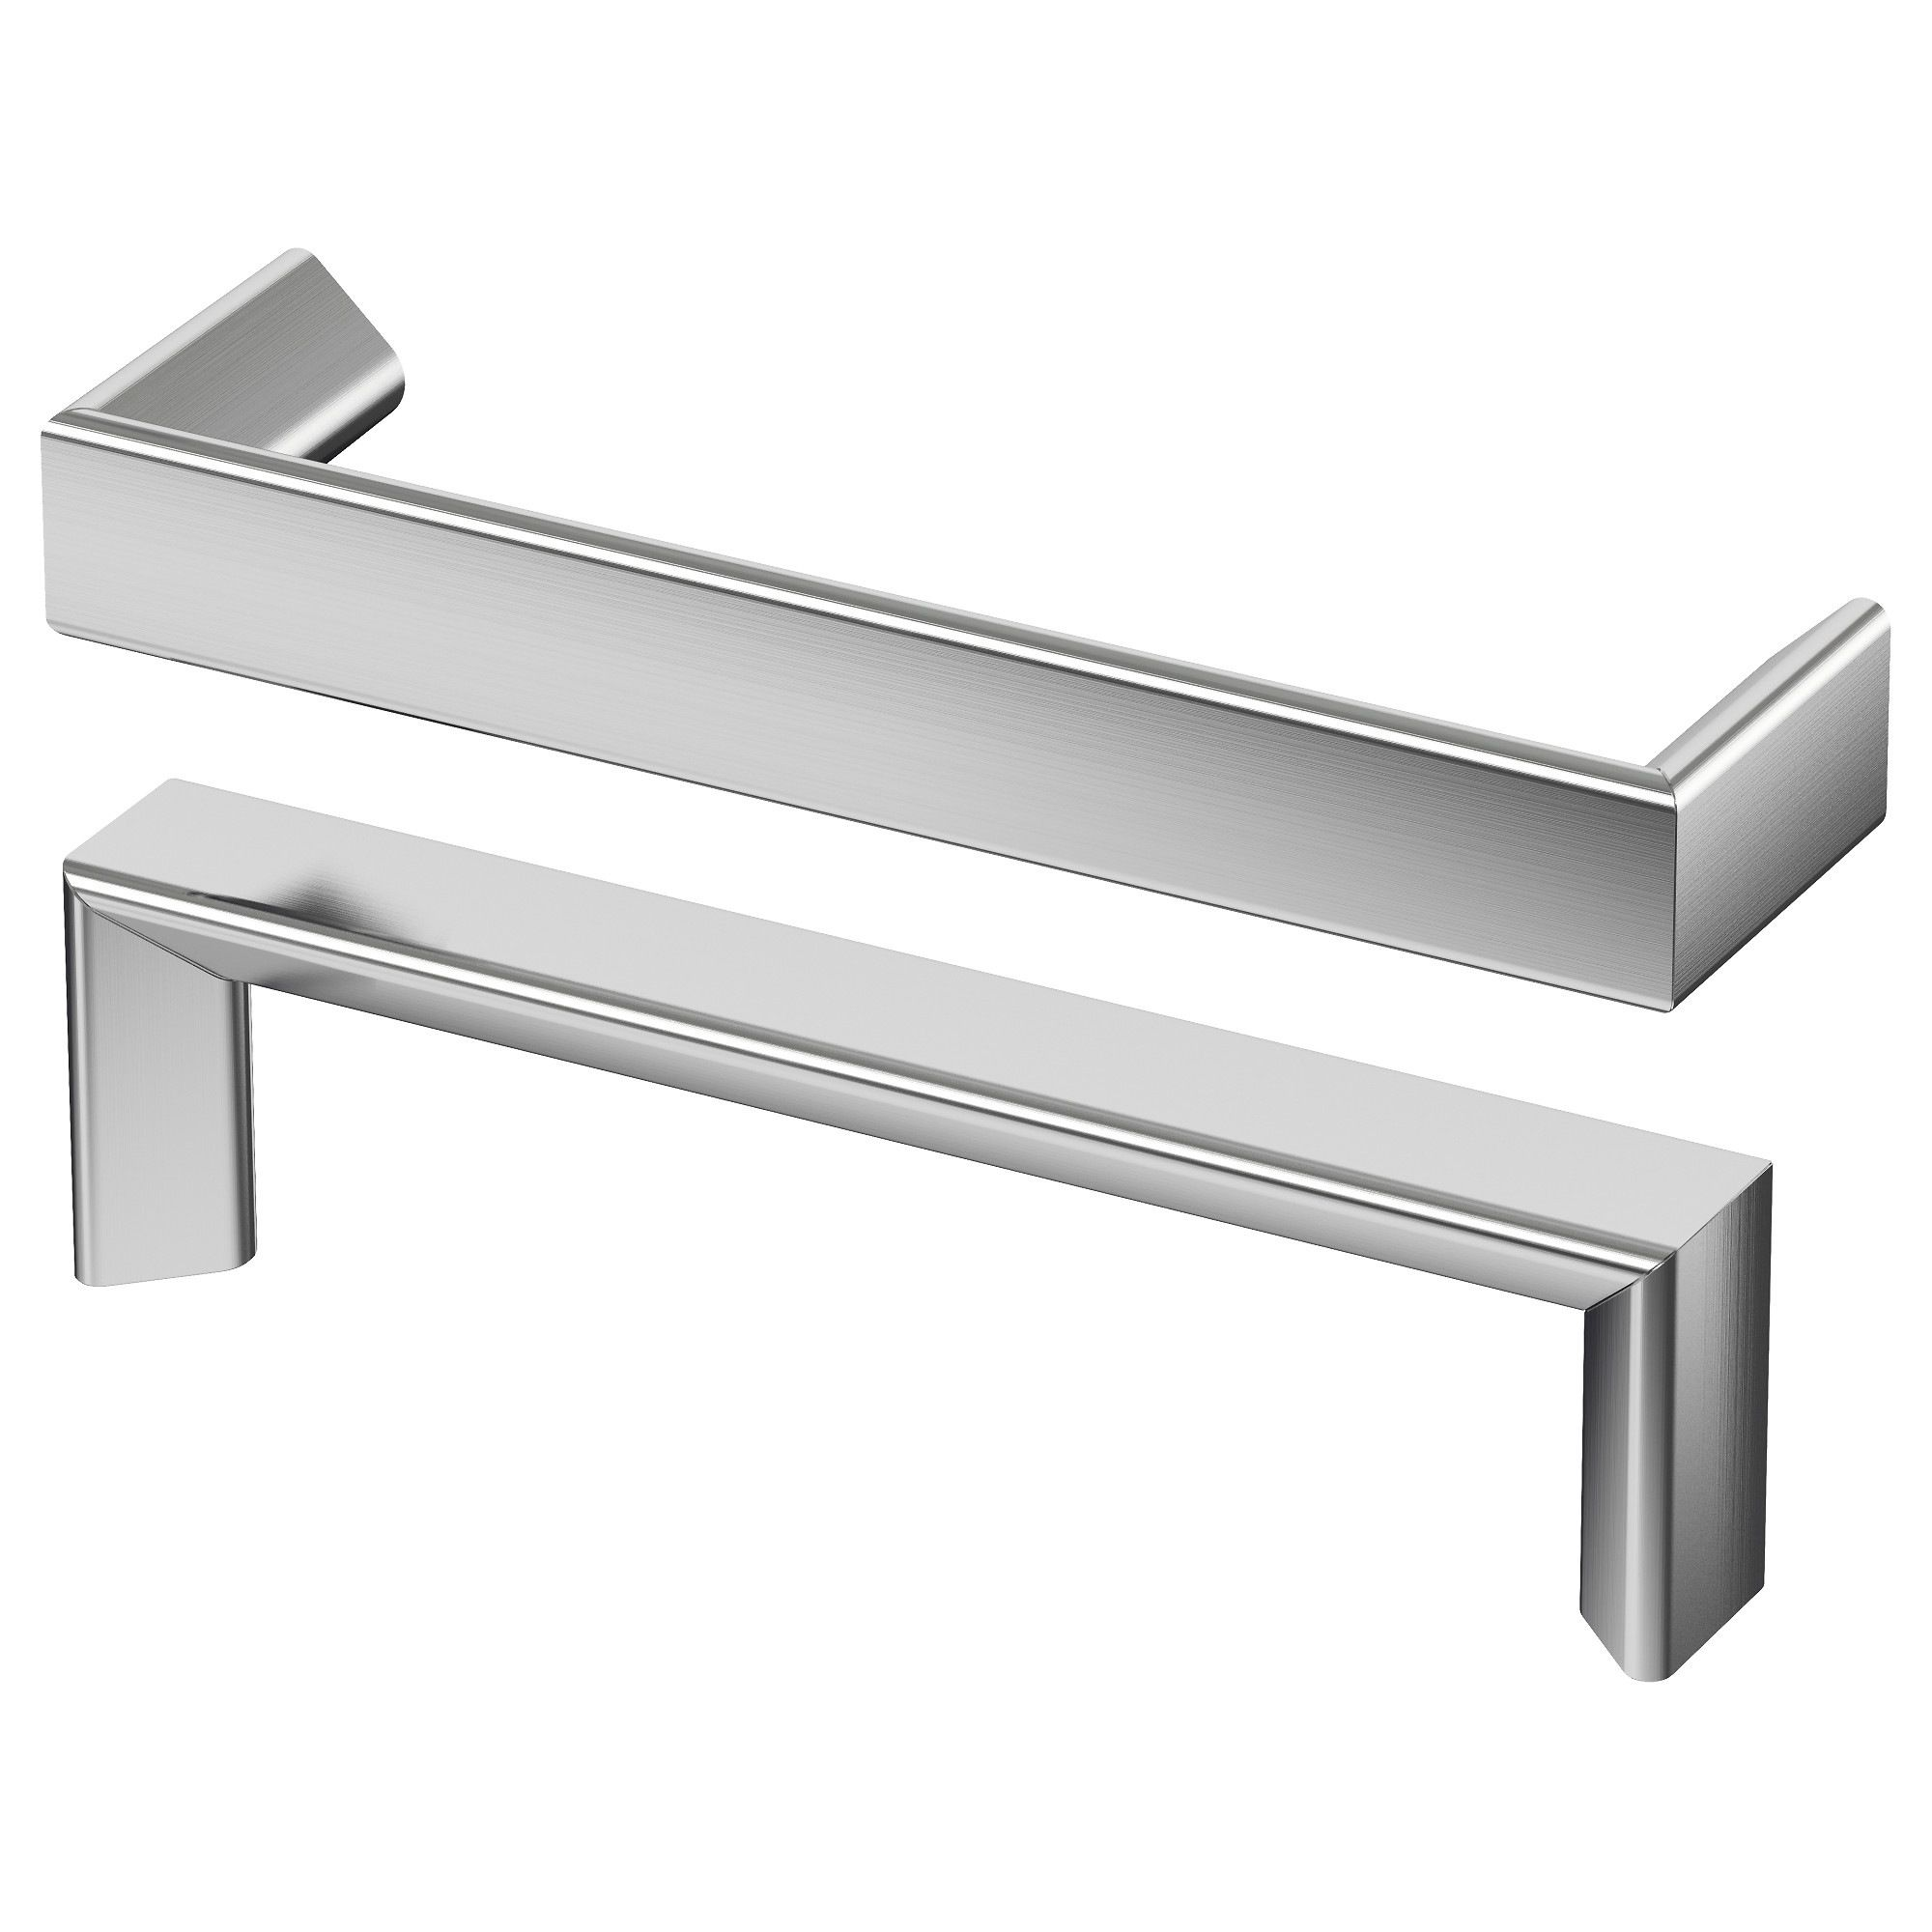 Tyda Handle Stainless Steel 5 7 16 Ikea Ikea Kitchen Door Handles Cabinet Handles